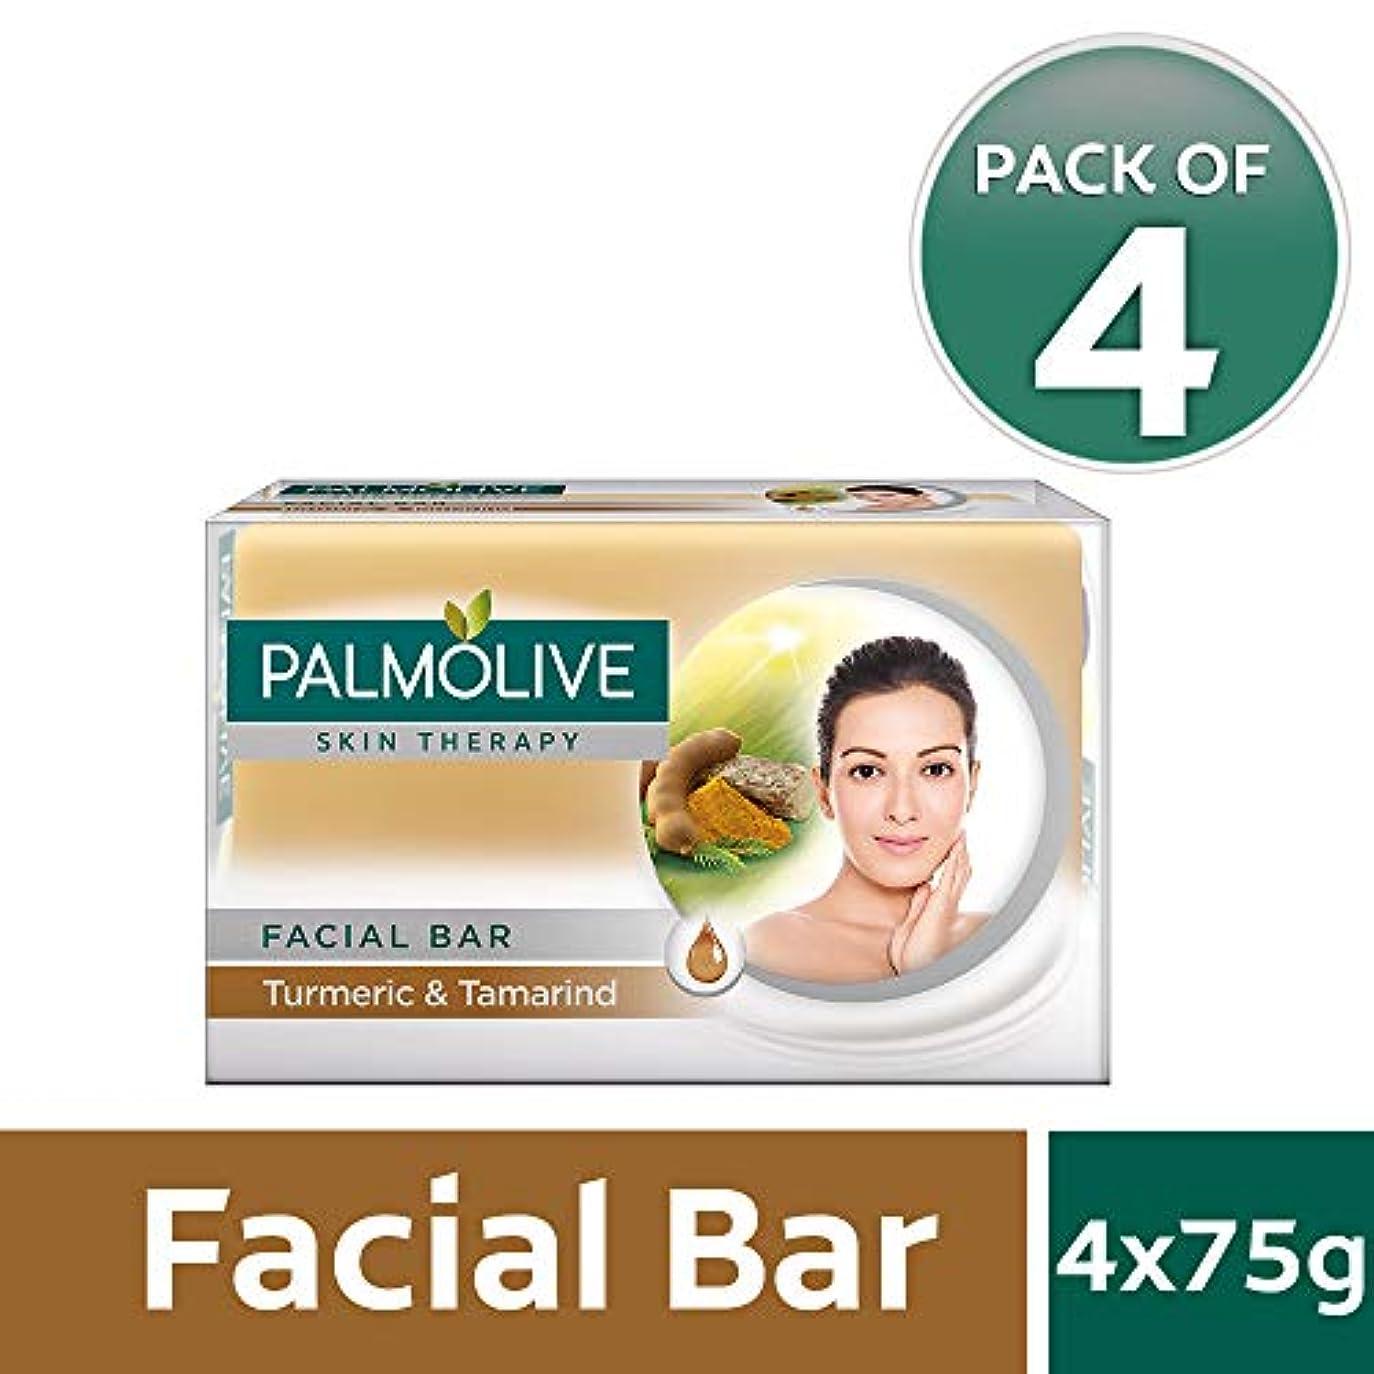 警告するアジア悪意のあるPalmolive Skin Therapy Facial Bar Soap with Turmeric and Tamarind - 75g (Pack of 4)